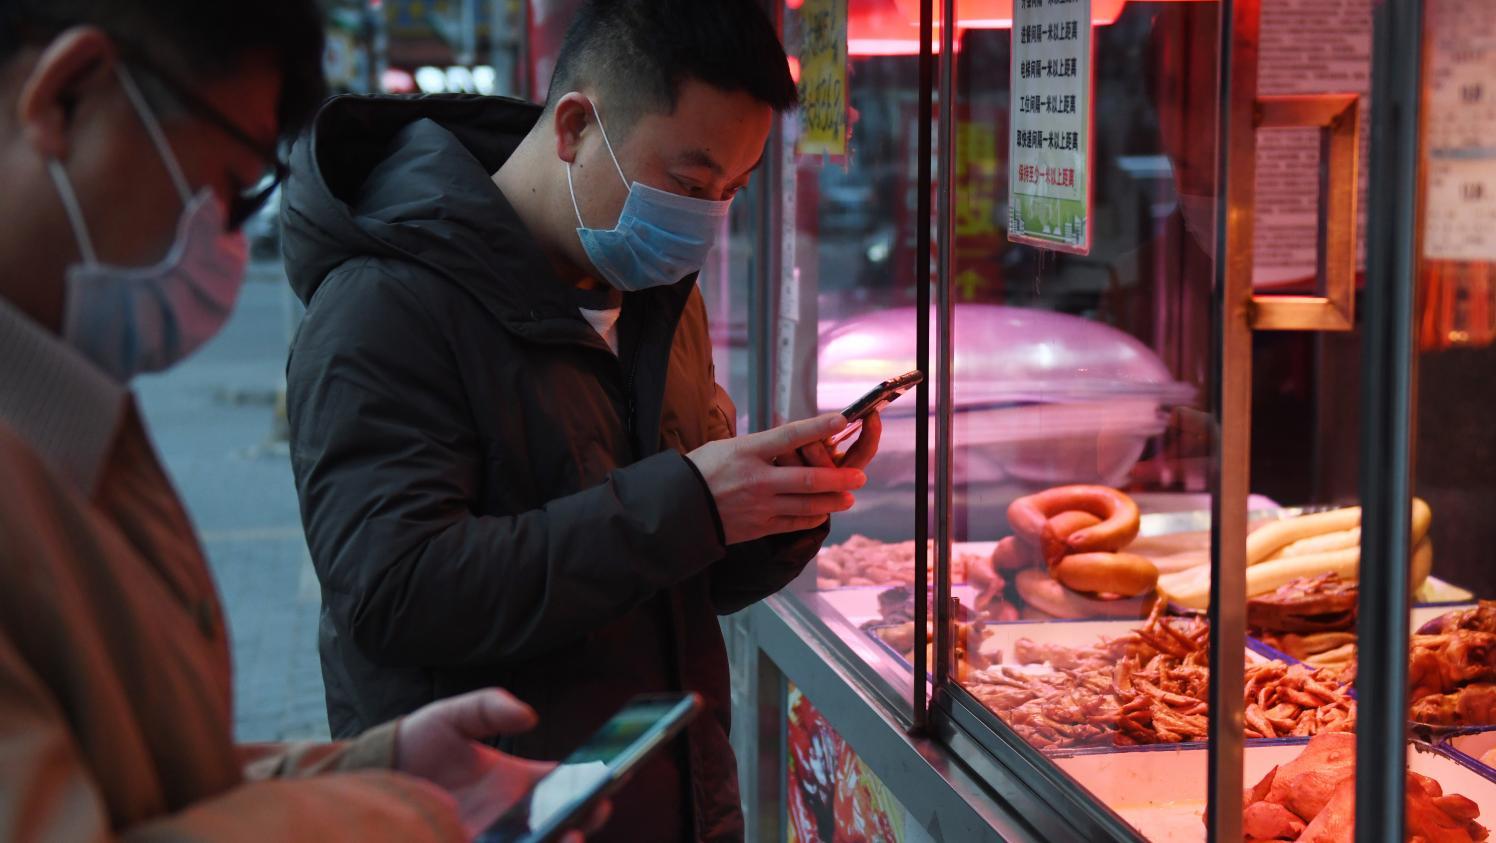 """""""Mon chiffre d'affaires est diminué de 84%"""" : les petites entreprises françaises en Chine menacées par le Covid-19"""